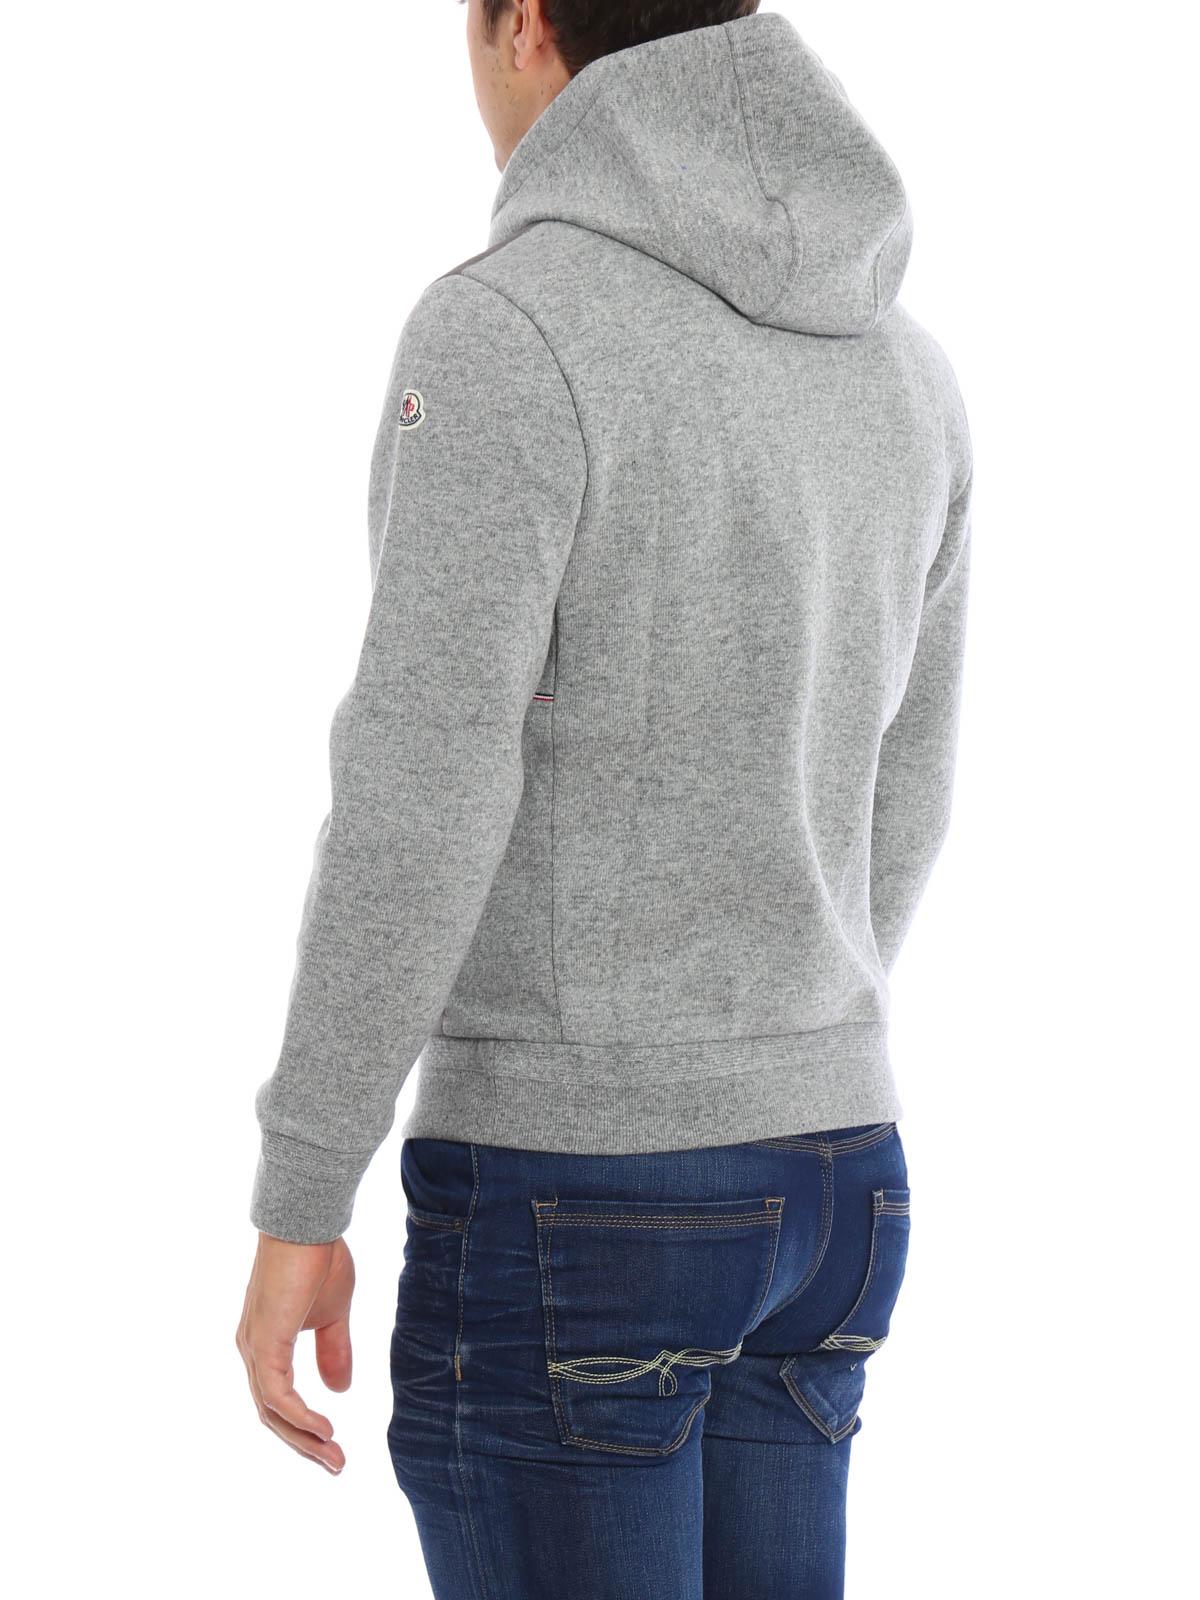 Moncler Cᄄᄁrdigans gris